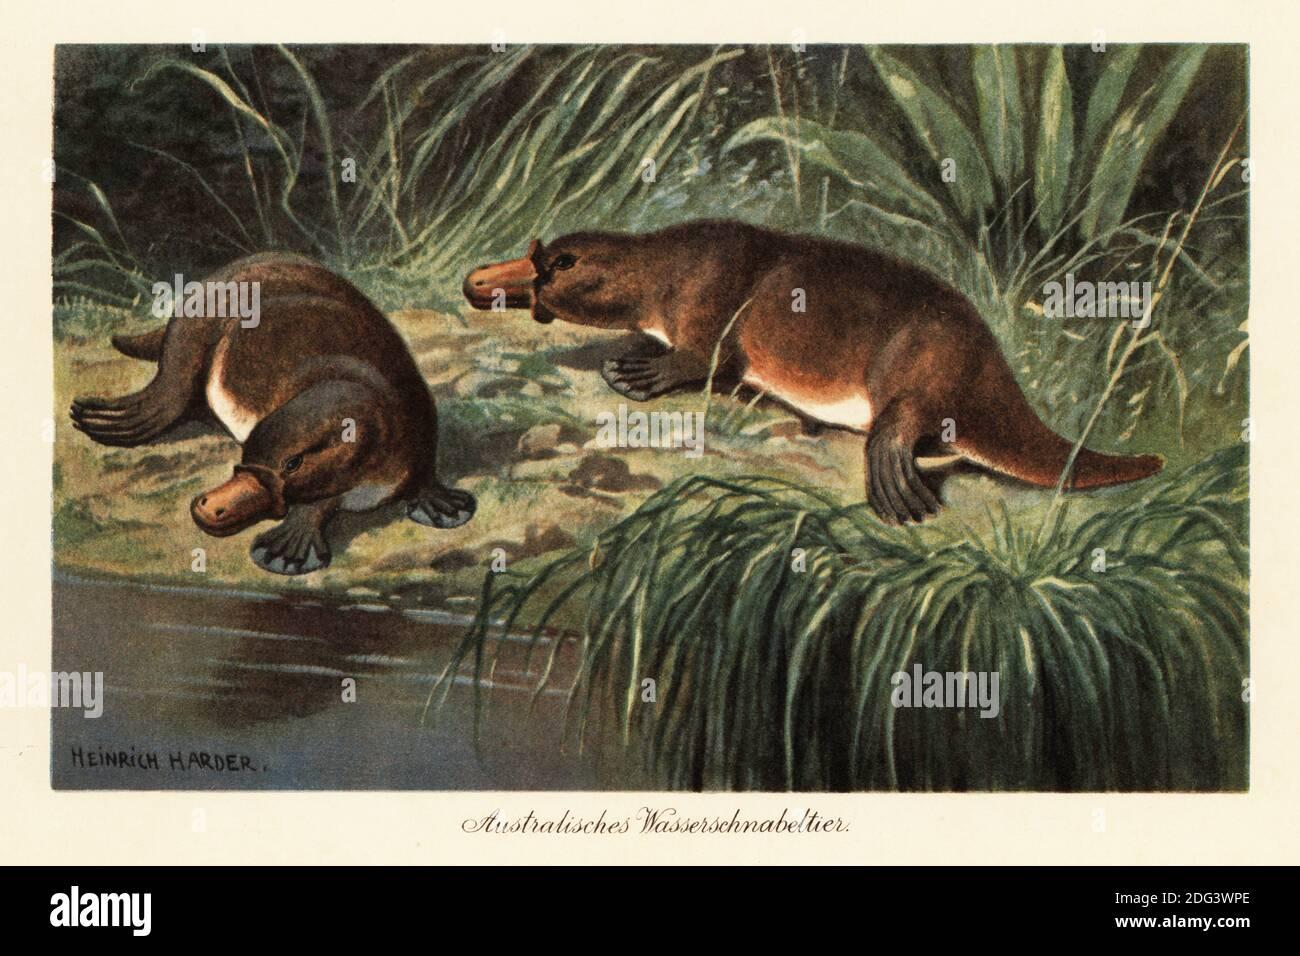 Ornithorynque à bec de canard, Ornithorhynchus anatinus, sur une rive de rivière. Le ornithorynque est un mammifère semi-aquatique monotone originaire de l'est de l'Australie, y compris la Tasmanie. Australisches Wasserschnabeltier. Illustration imprimée en couleur par Heinrich Harder de Wilhelm Bolsche Tiere der Urwelt (les animaux du monde préhistorique), Reichardt Cocoa Company, Hambourg, 1908. Heinrich Harder (1858-1935) était un artiste de paysage allemand et un illustrateur de livre. Banque D'Images